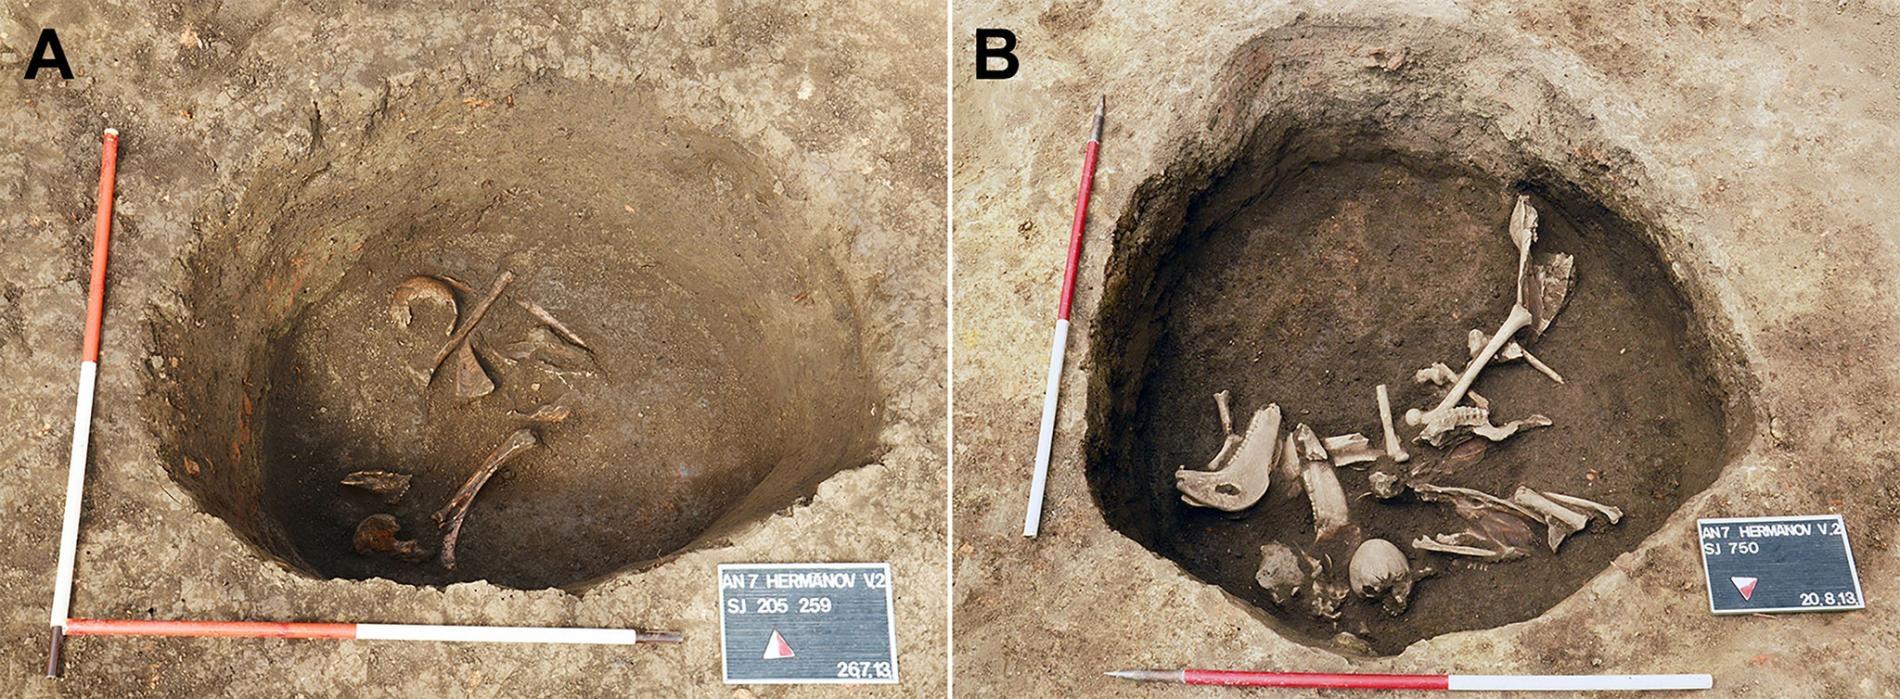 發掘初期的Hermanov vinograd遺址墓葬坑(右側),這個階段出土了動物骨頭,而發掘後期(左側)則發現人類遺骸。PHOTOGRAPH BY M. CAVKA, UNIVERSITY HOSPITAL DUBRAVA, ZAGREB